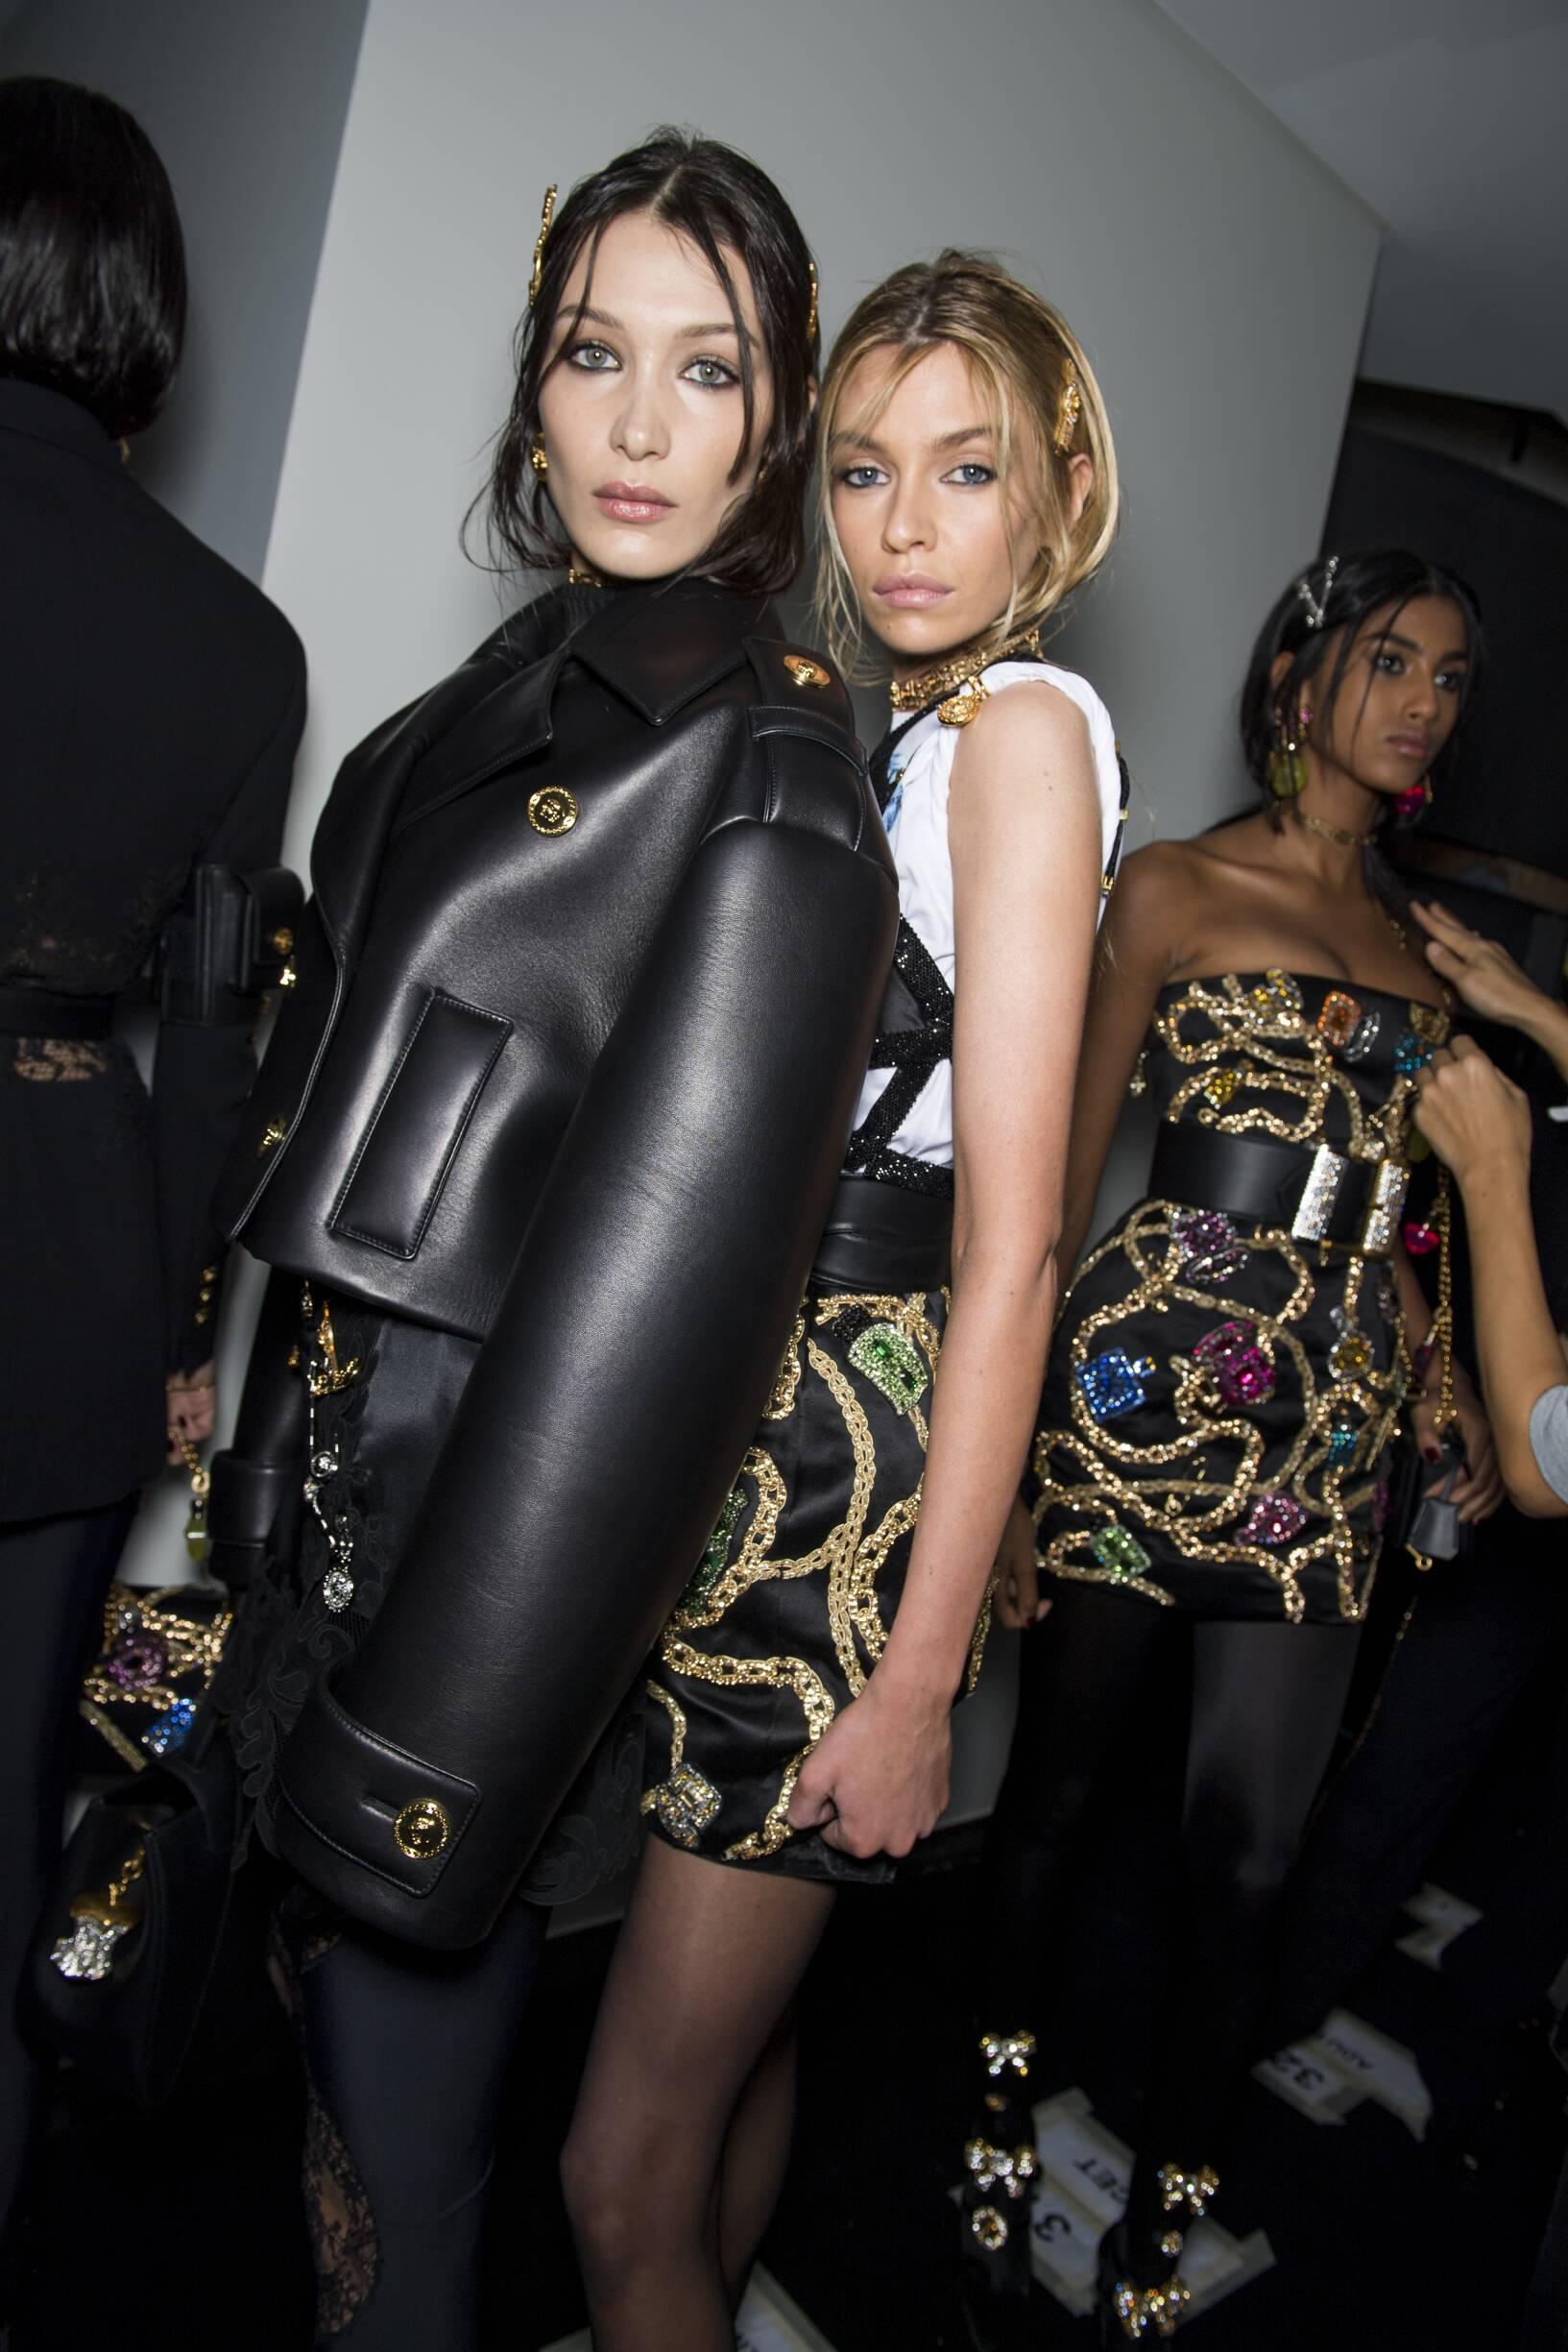 Backstage Versace Models 2019-20